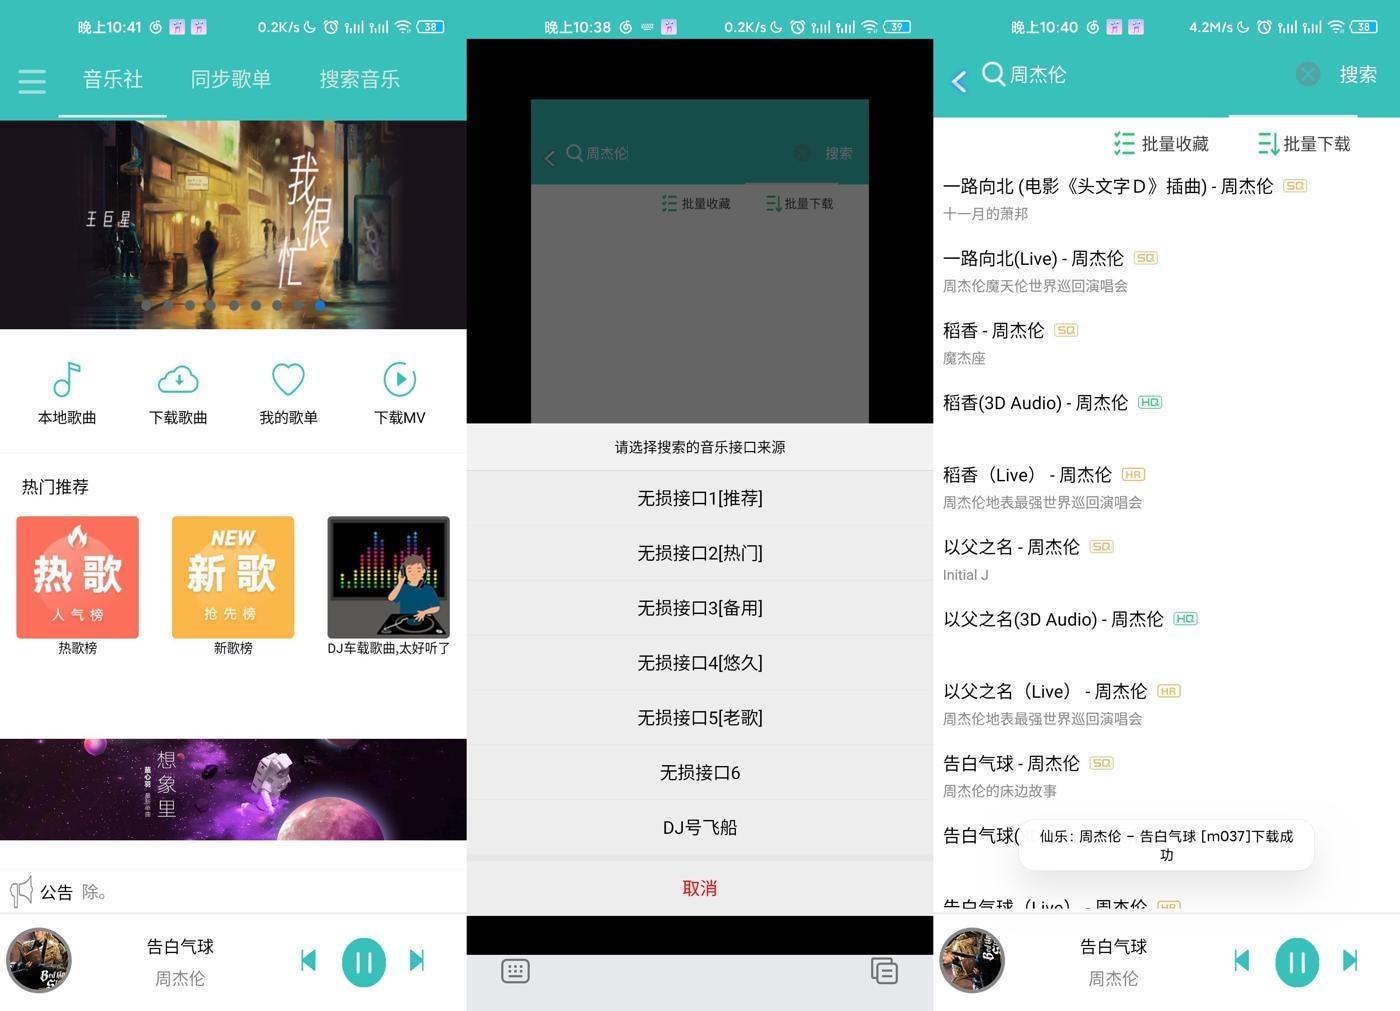 仙乐 v2.0 音乐免费下载